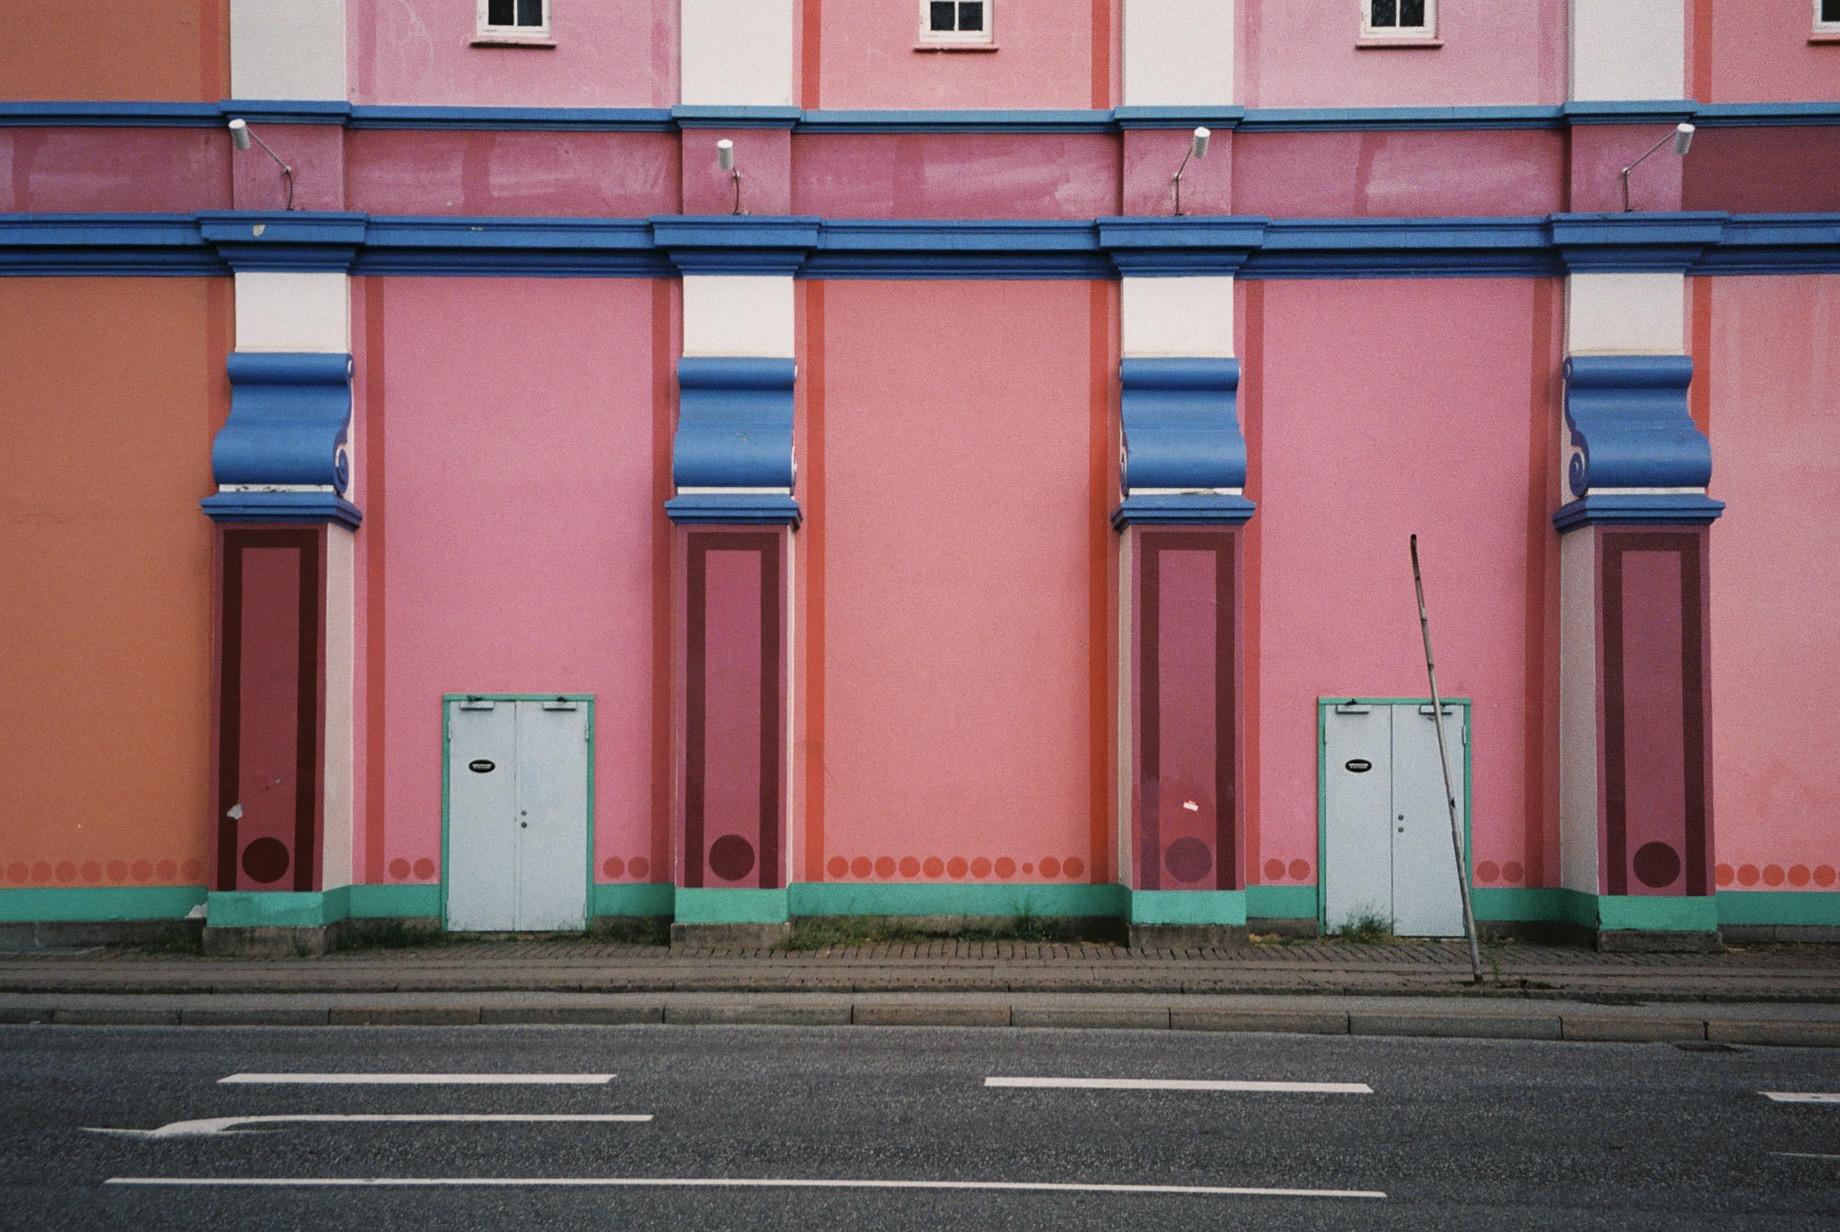 A very #accidentallywesanderson building that I found in Copenhagen.  / Um edifício com uma vibe muito #accidentallywesanderson que encontrei em Copenhaga.